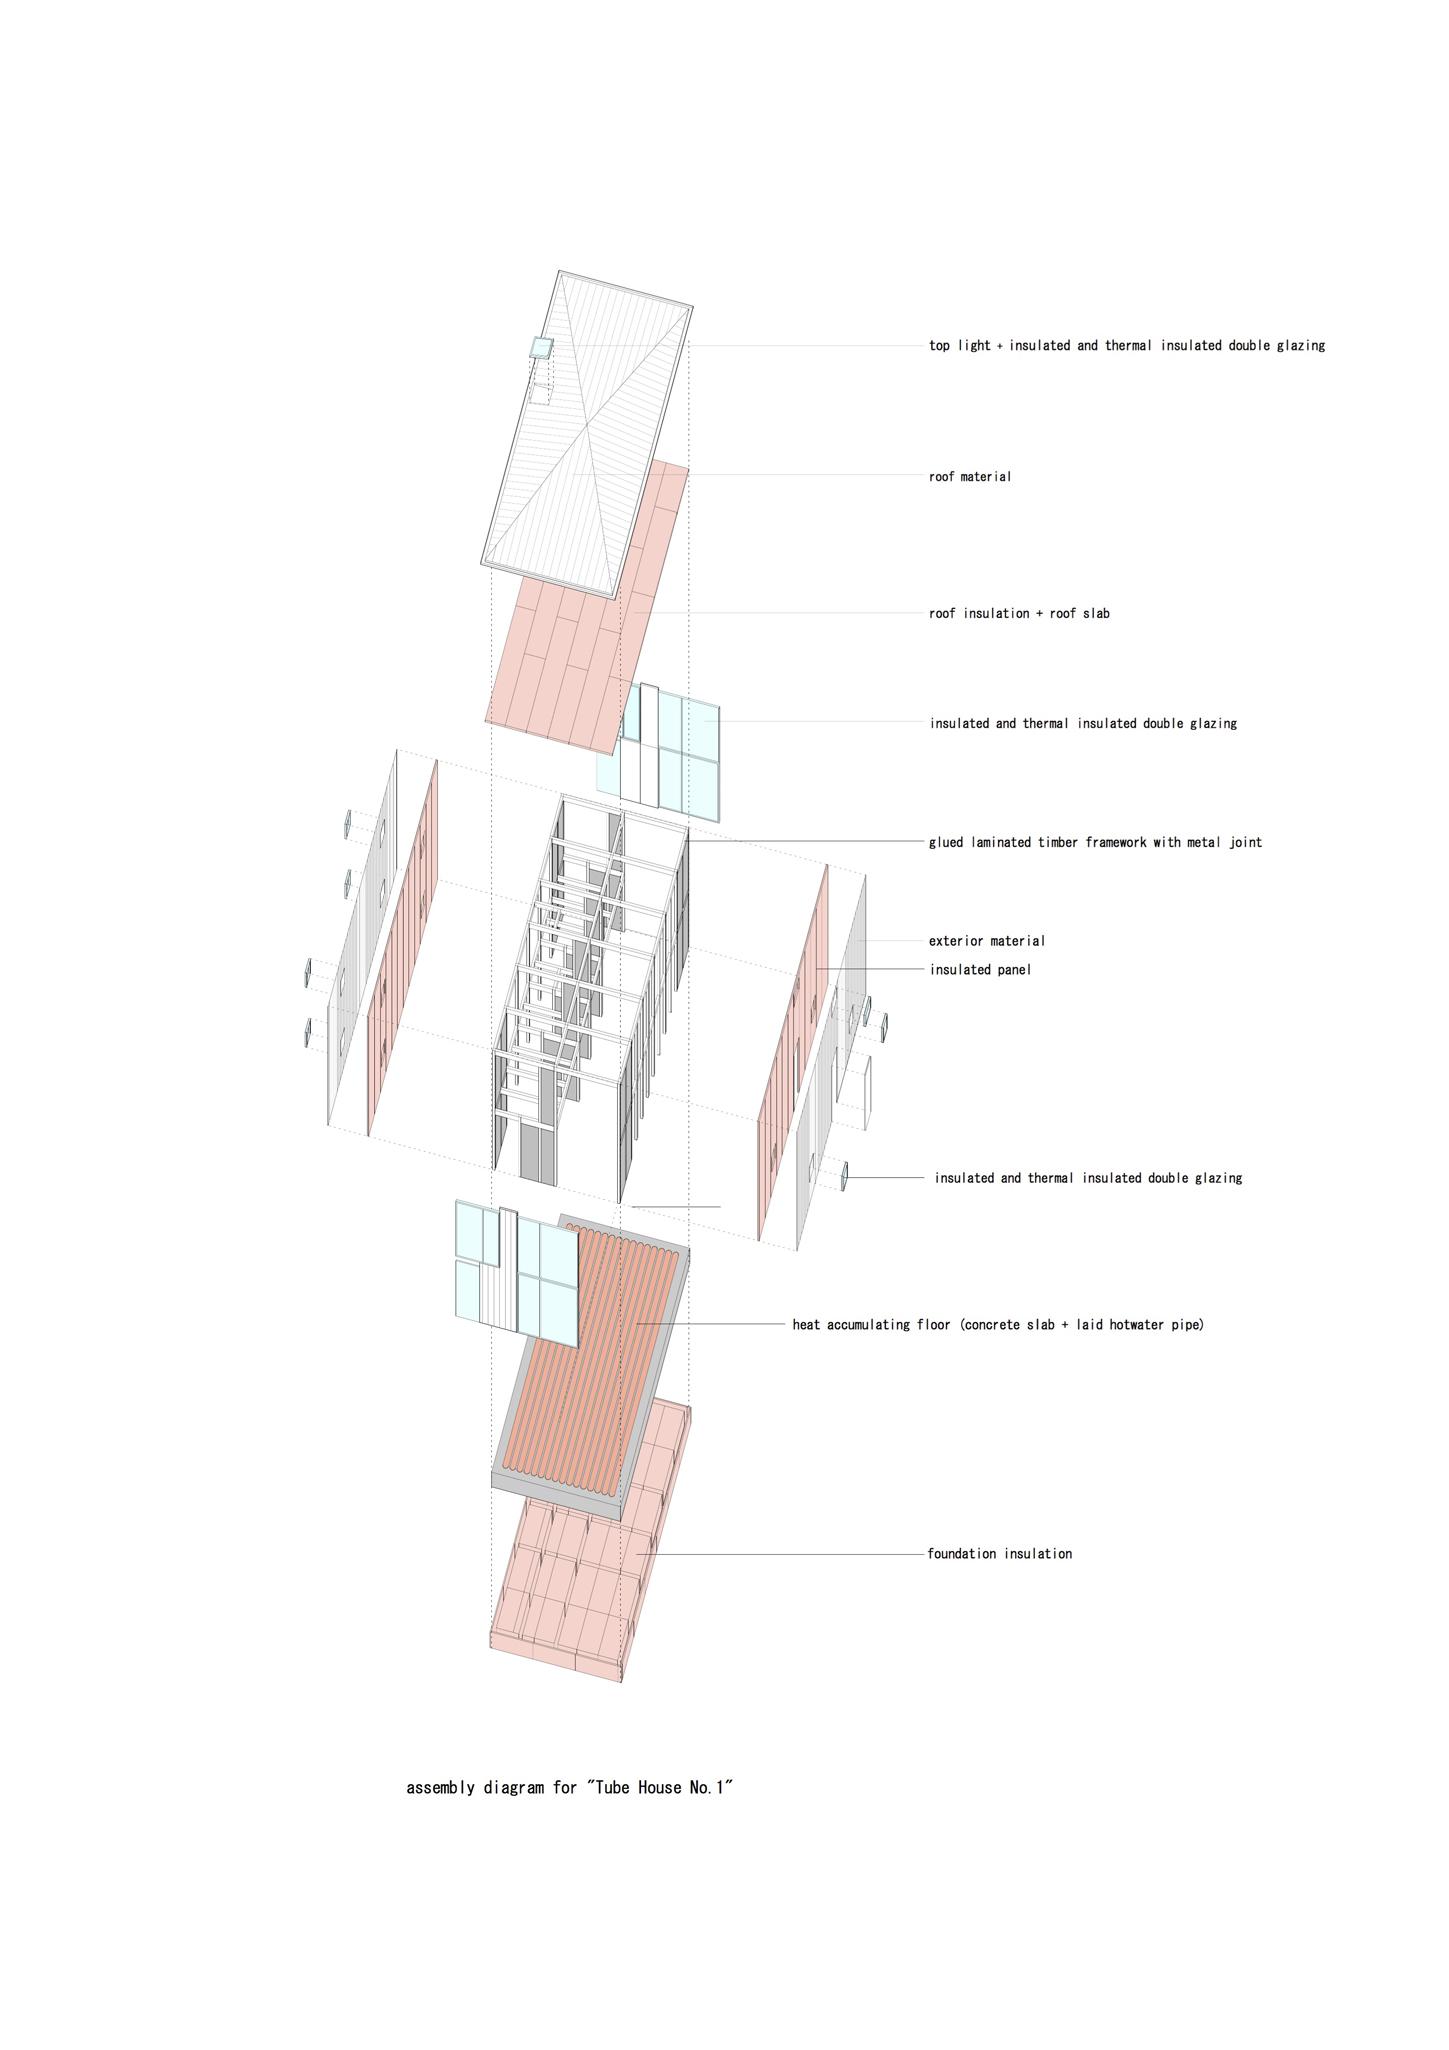 02 Tube House No1 Assembly Diagram V12 Arcdog